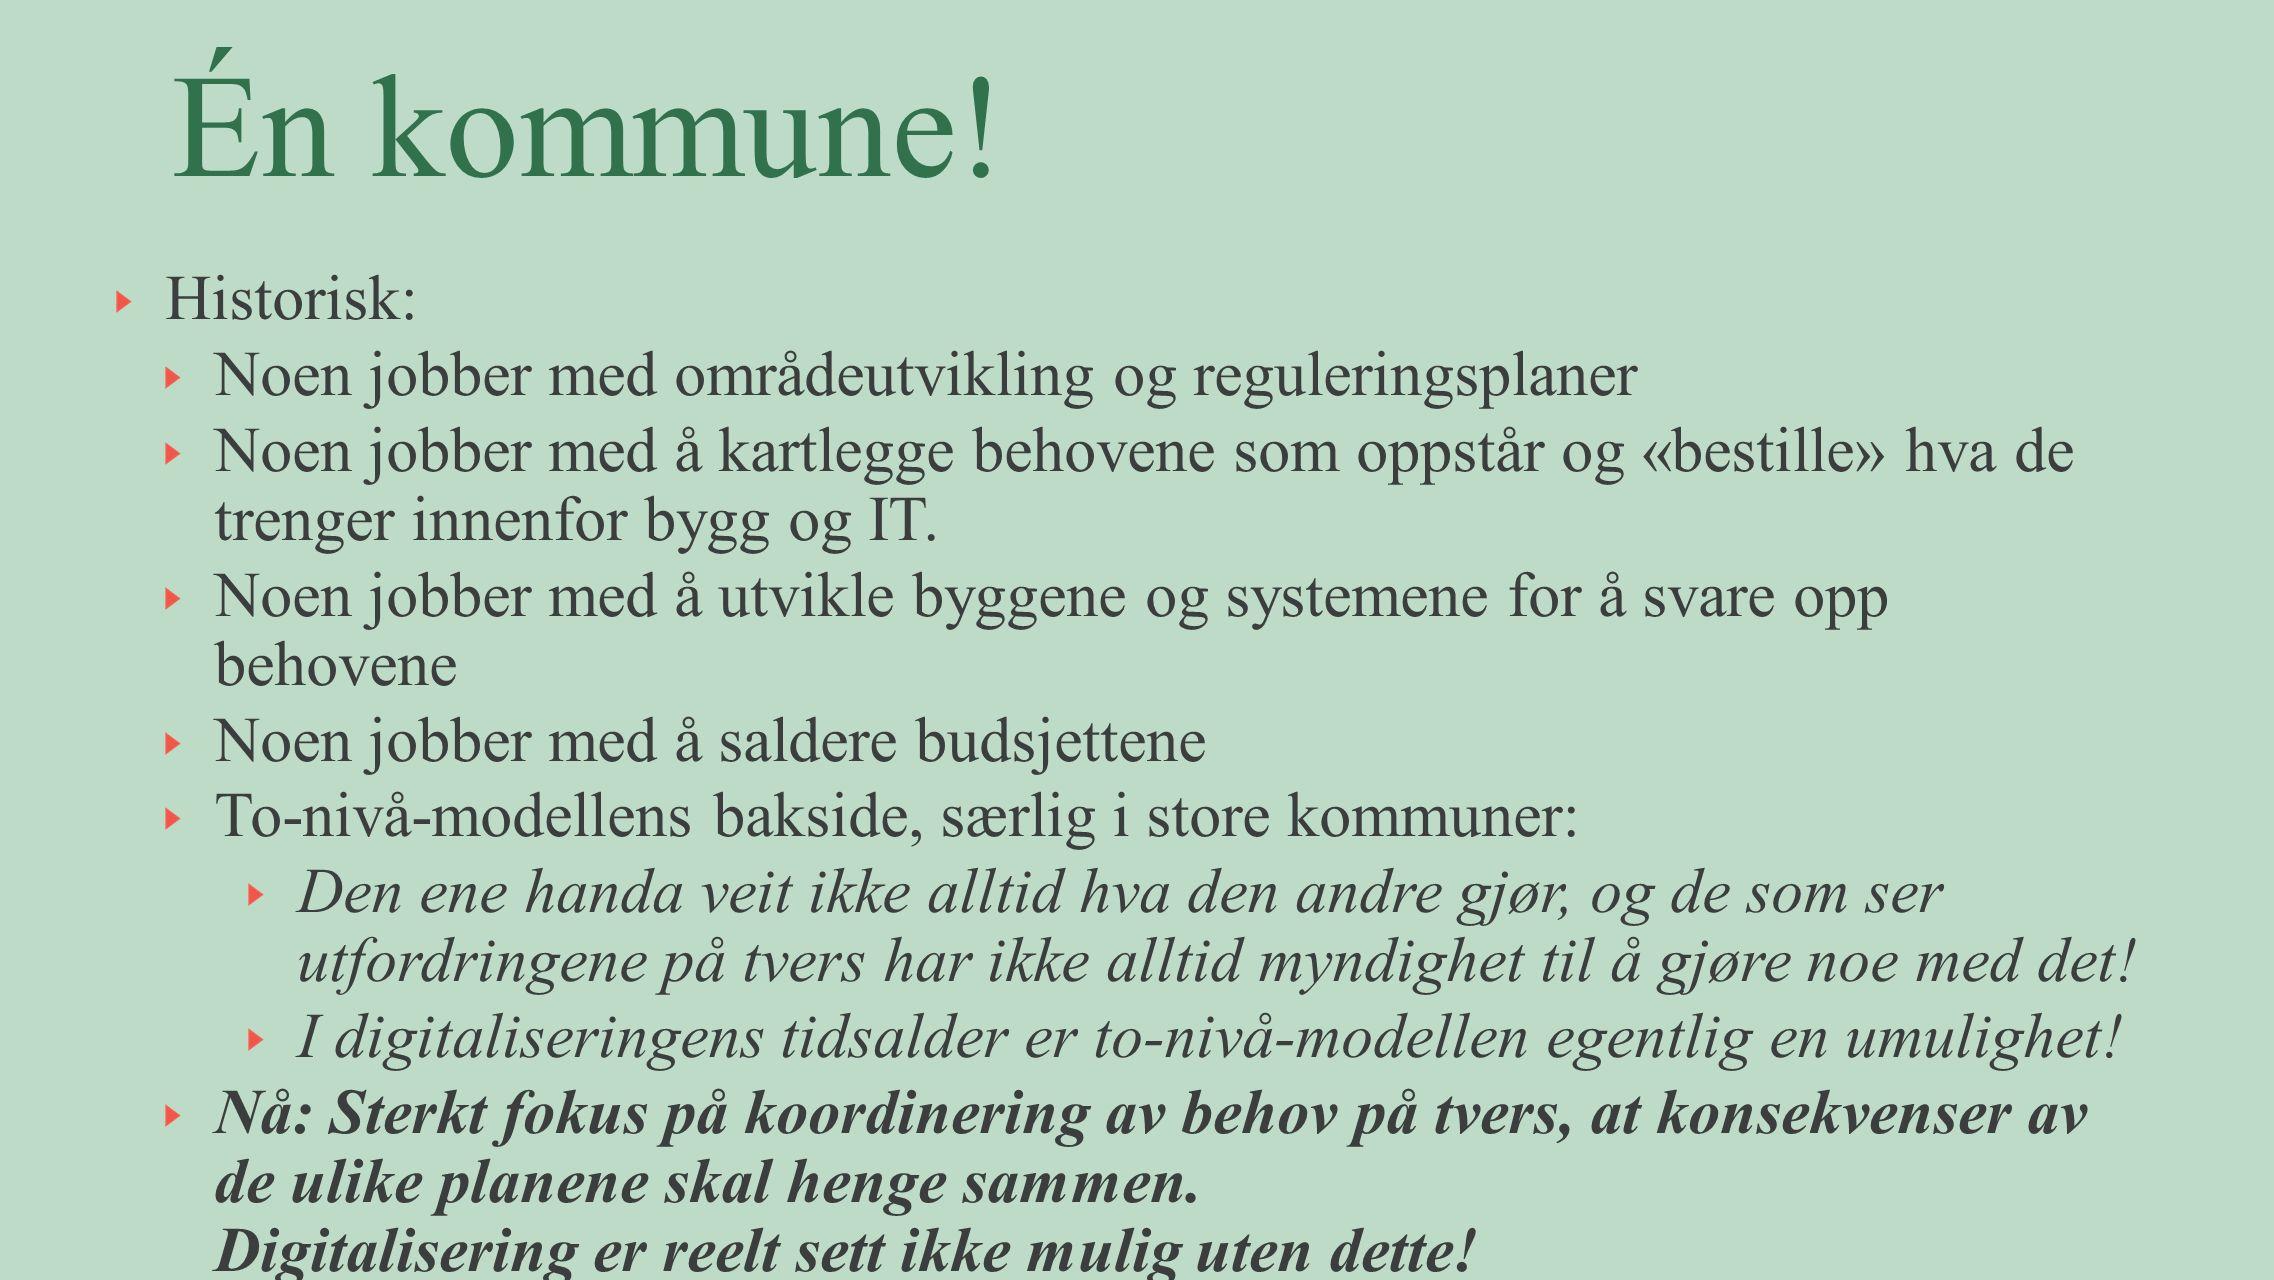 Strategisk hovedmål: Bærum kommune har etablert en synlig innovasjonskultur innen 2017 1.Delingsarenaer 2.Innovasjonsledelse 3.Bruker- og innbyggermedvirkning 4.Innovasjonsverktøy 5.Måle/synliggjøre verdi 6.Konkretisere gjennom tiltak (forankring) En innovativ og endringsdyktig organisasjon med gjennomføringskraft.